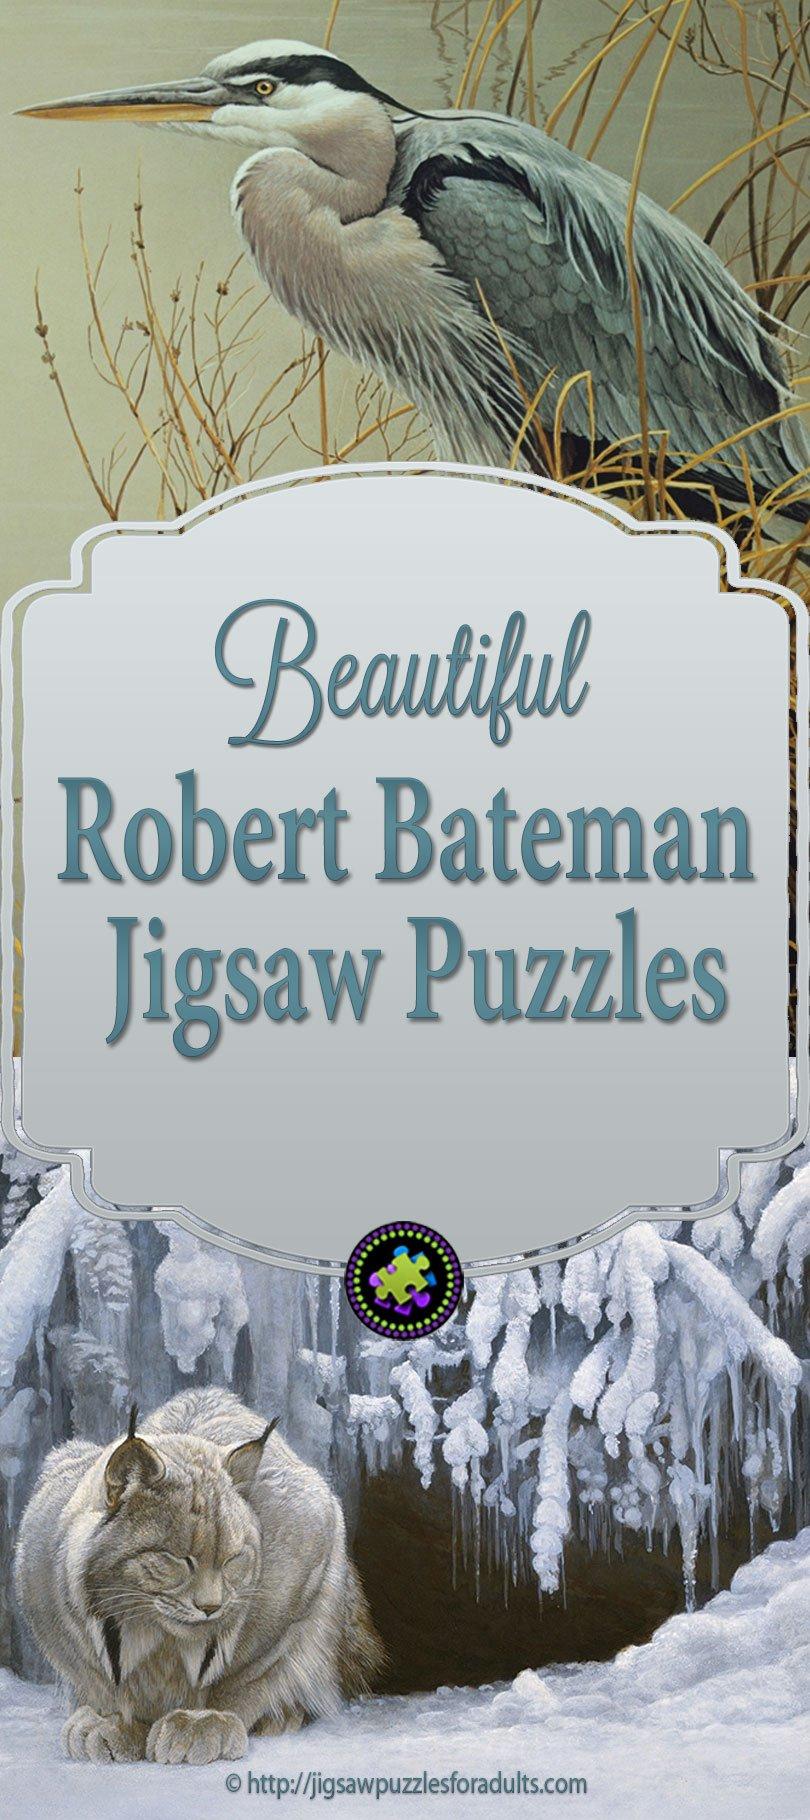 Robert Bateman Jigsaw Puzzles